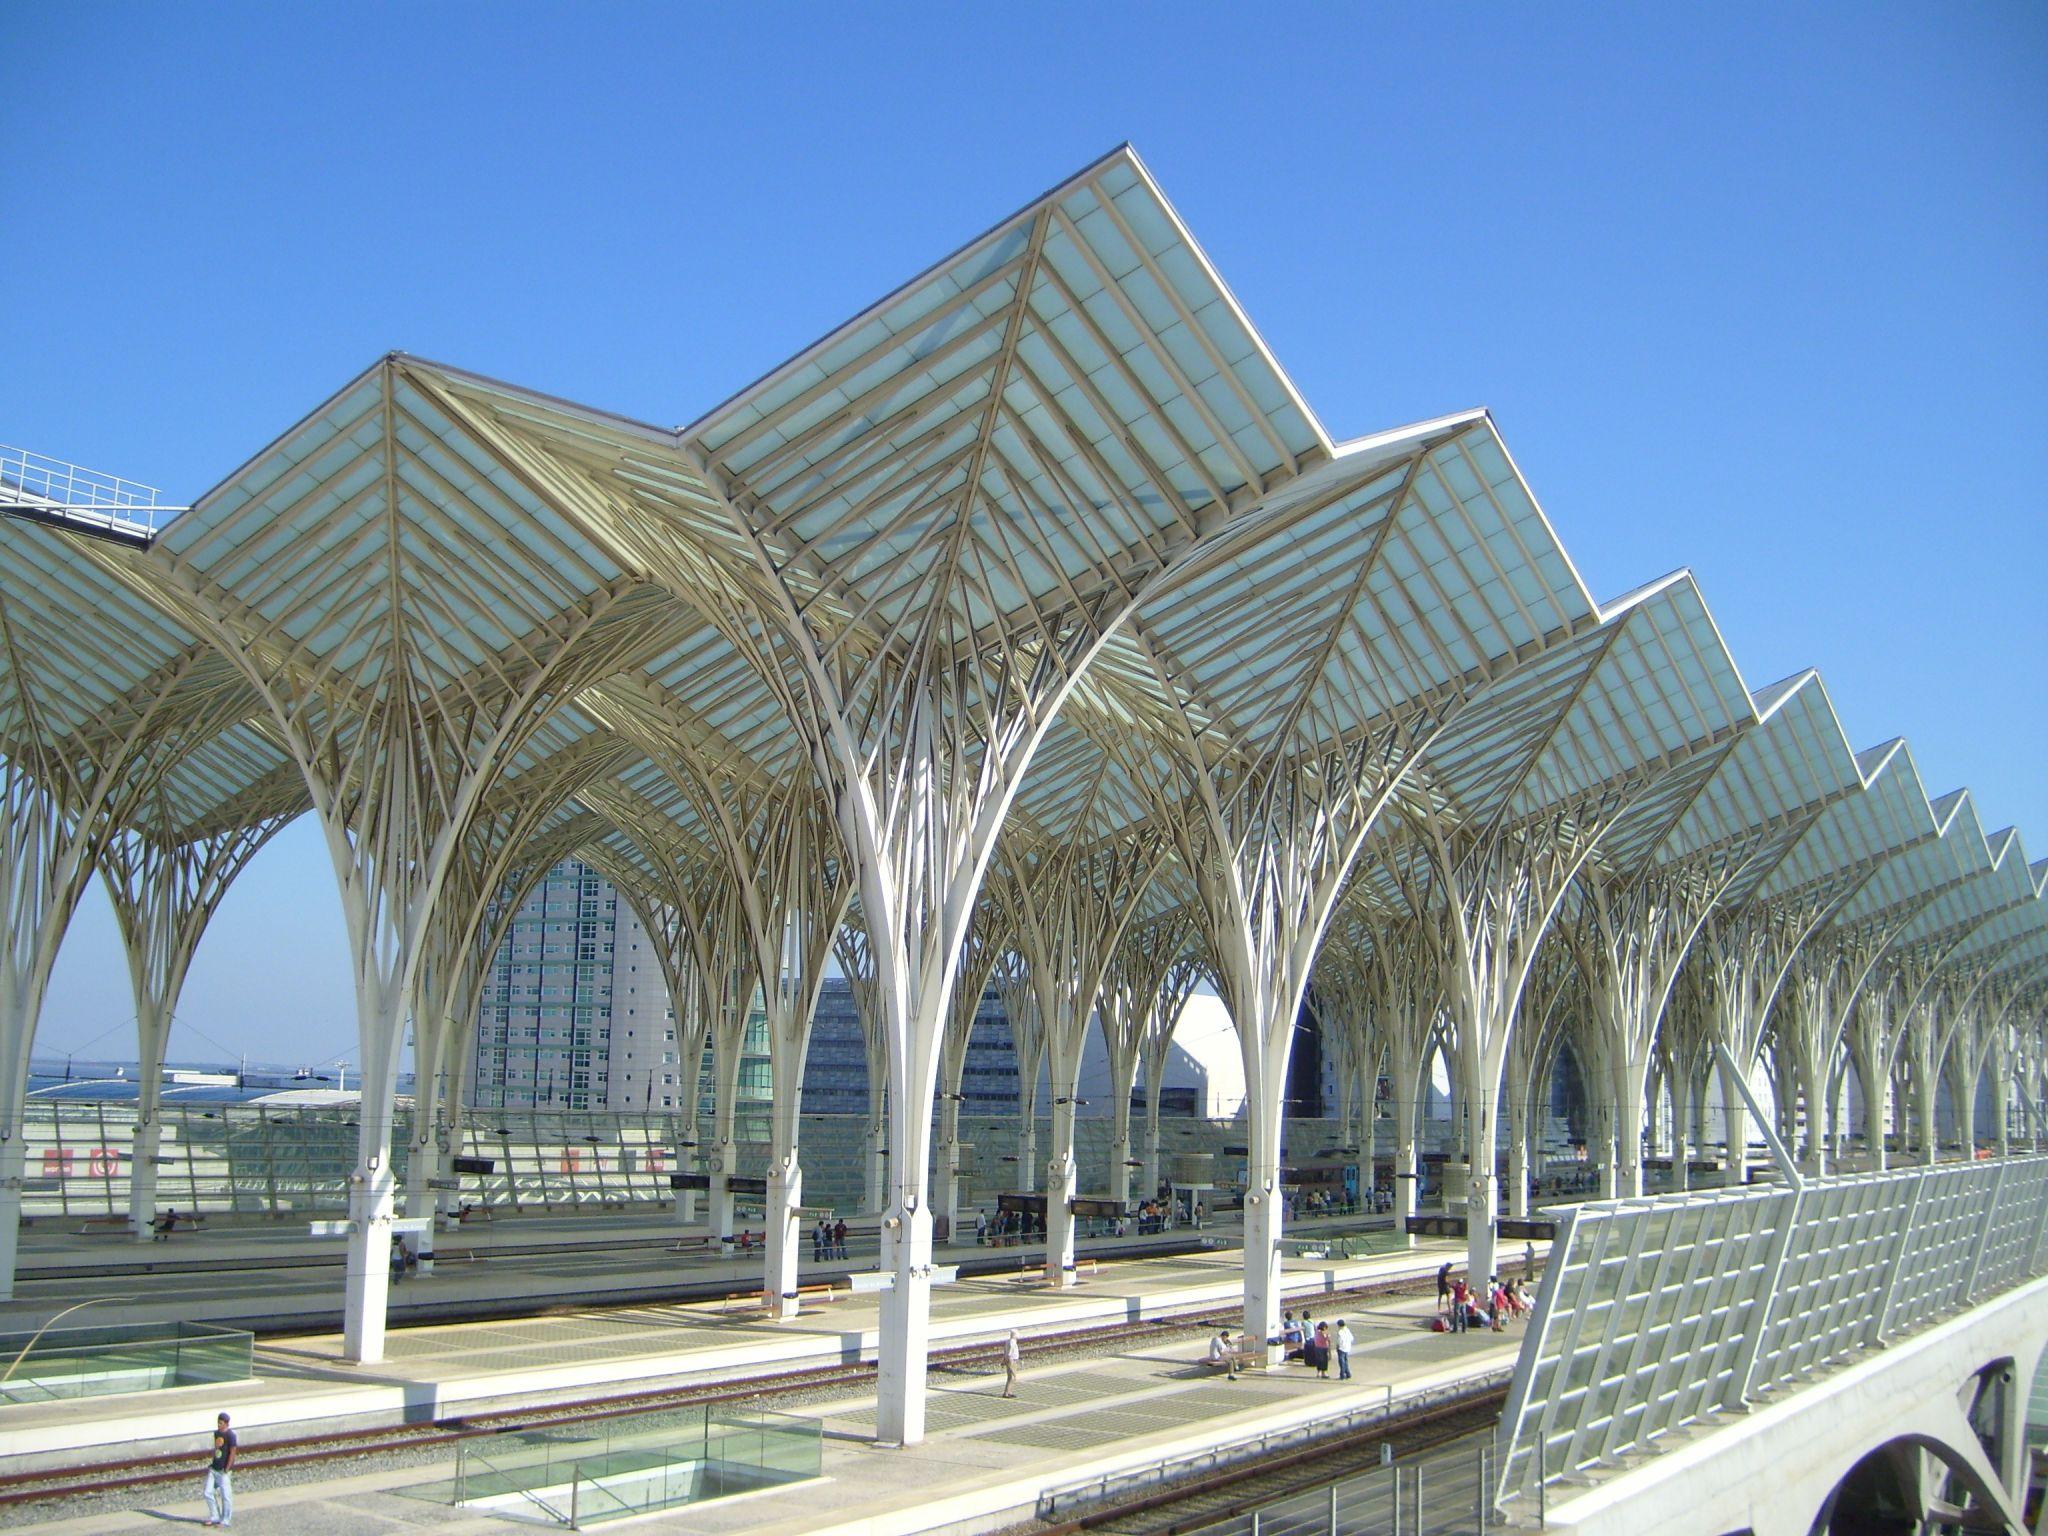 Gare do Oriente Train Station, Portugal